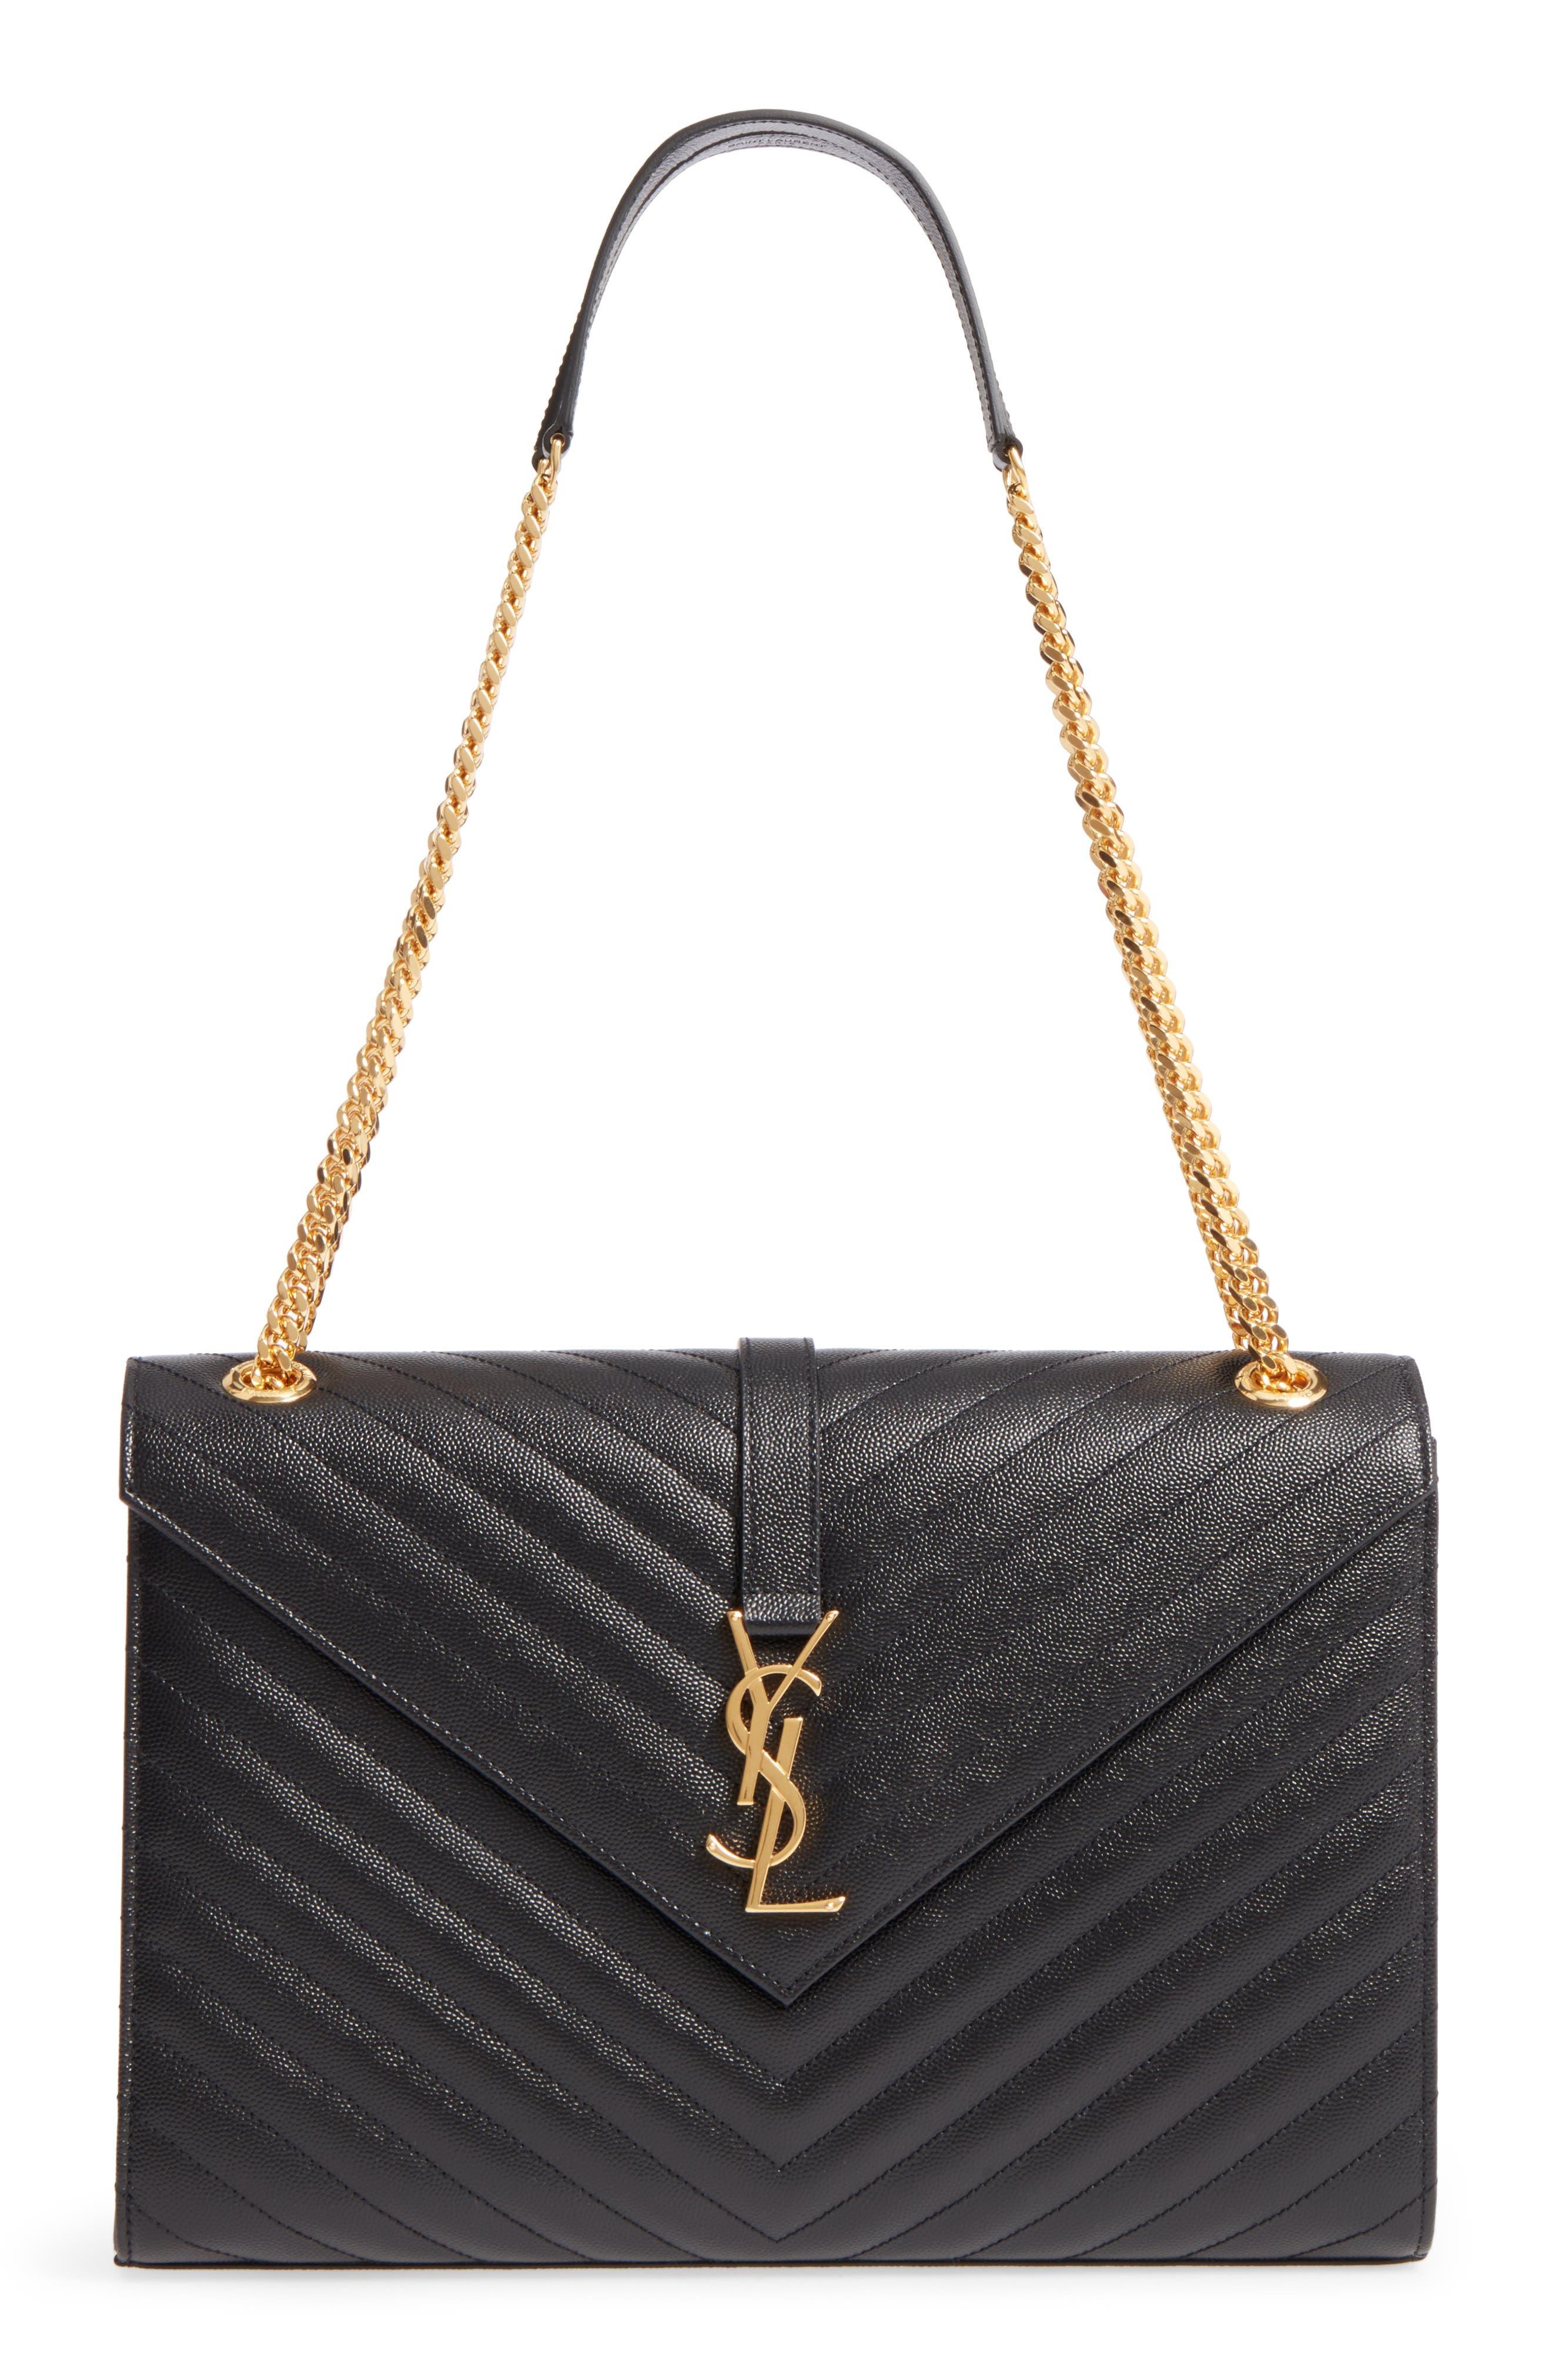 Medium Grained Matelassé Quilted Leather Shoulder Bag,                         Main,                         color, Noir